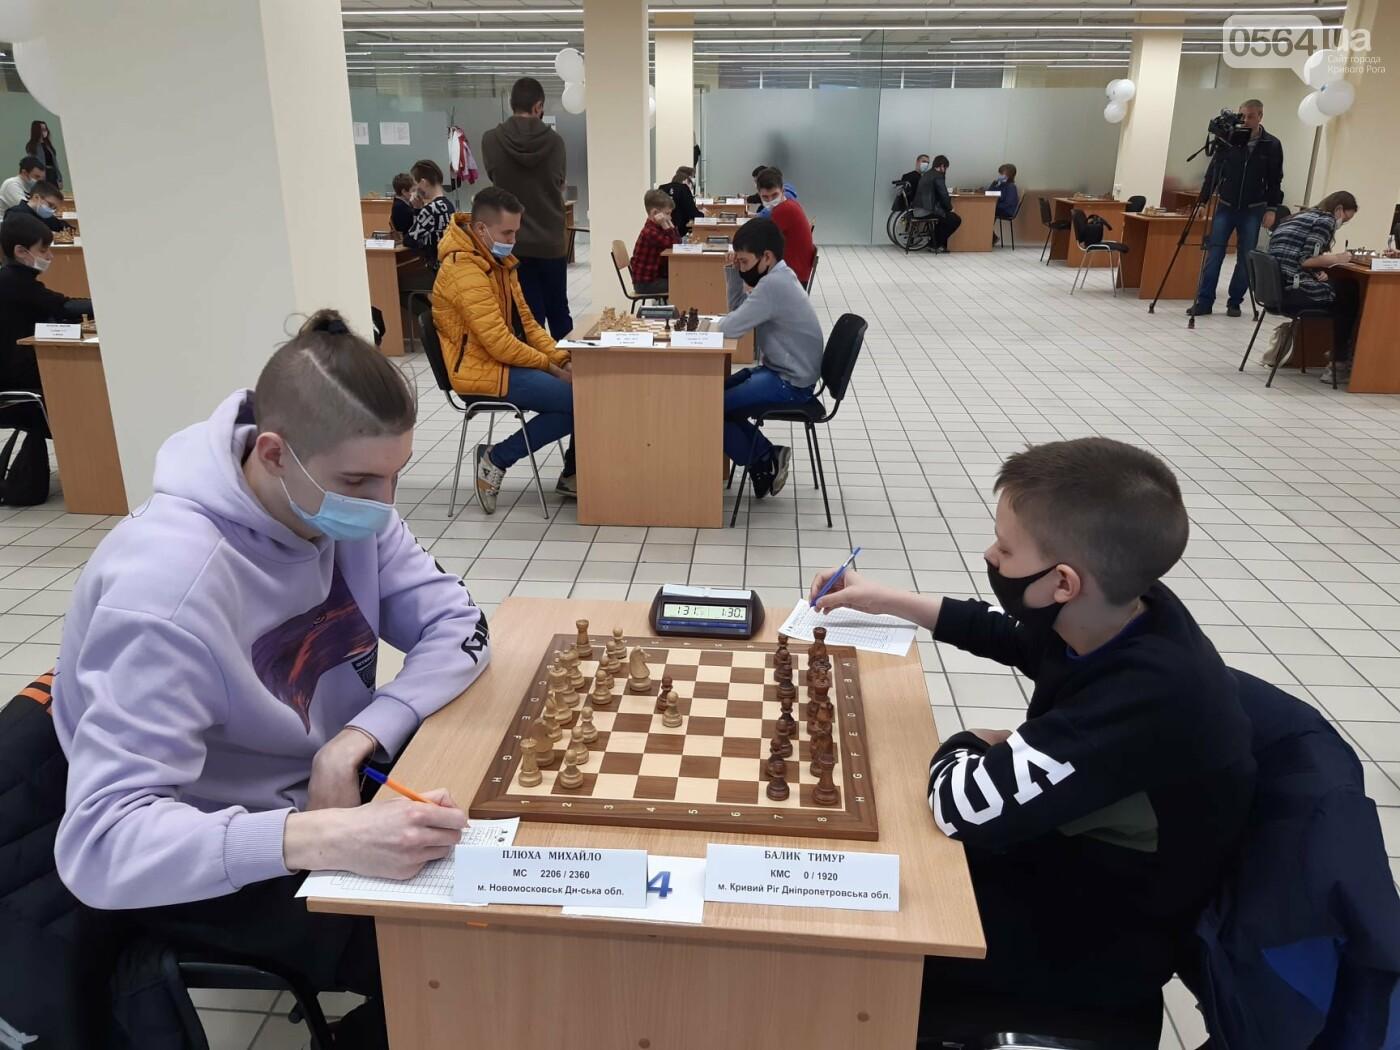 Юные шахматисты из Кривого Рога заняли 7 и 8 место на Чемпионате Украины, - ФОТО, фото-1